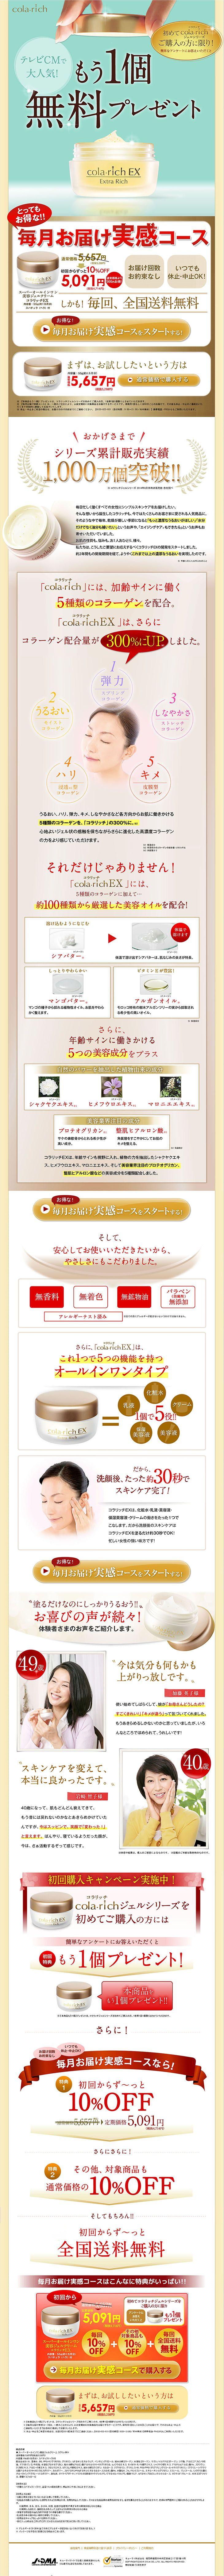 ランディングページ LP コラリッチEX|スキンケア・美容商品|自社サイト